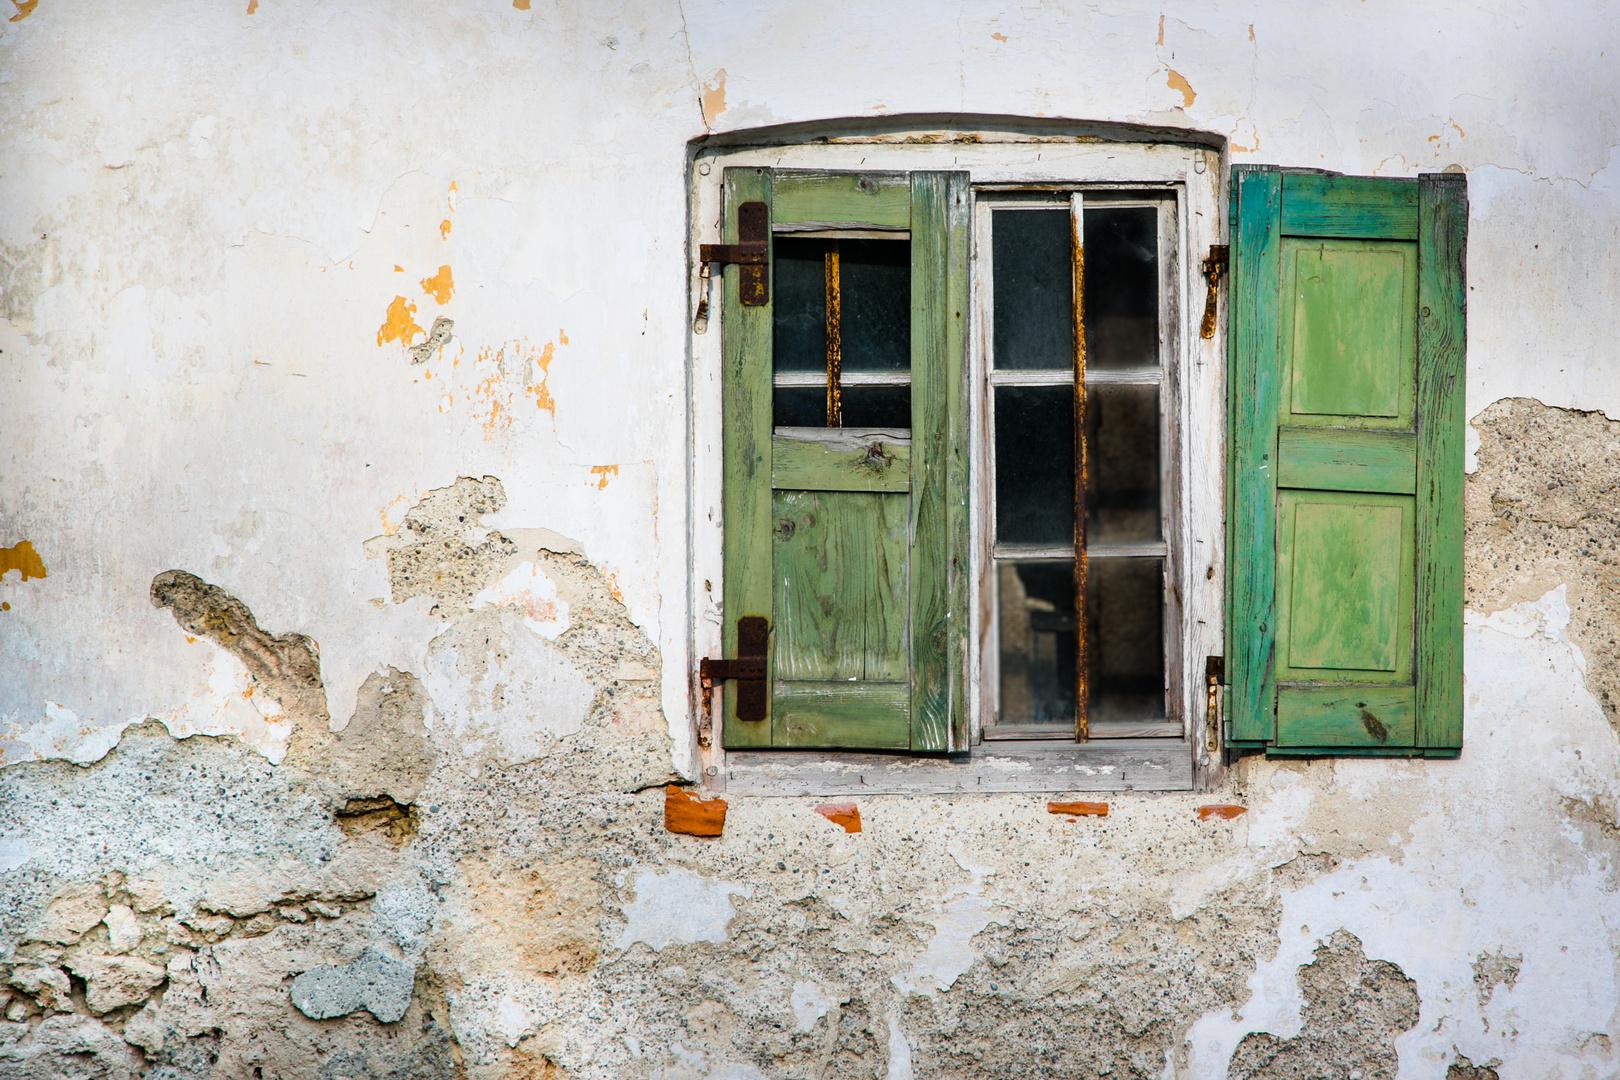 altes verfallenes fenster mit fensterl den und abgebr ckelter fassade eines alten bauernhaus. Black Bedroom Furniture Sets. Home Design Ideas